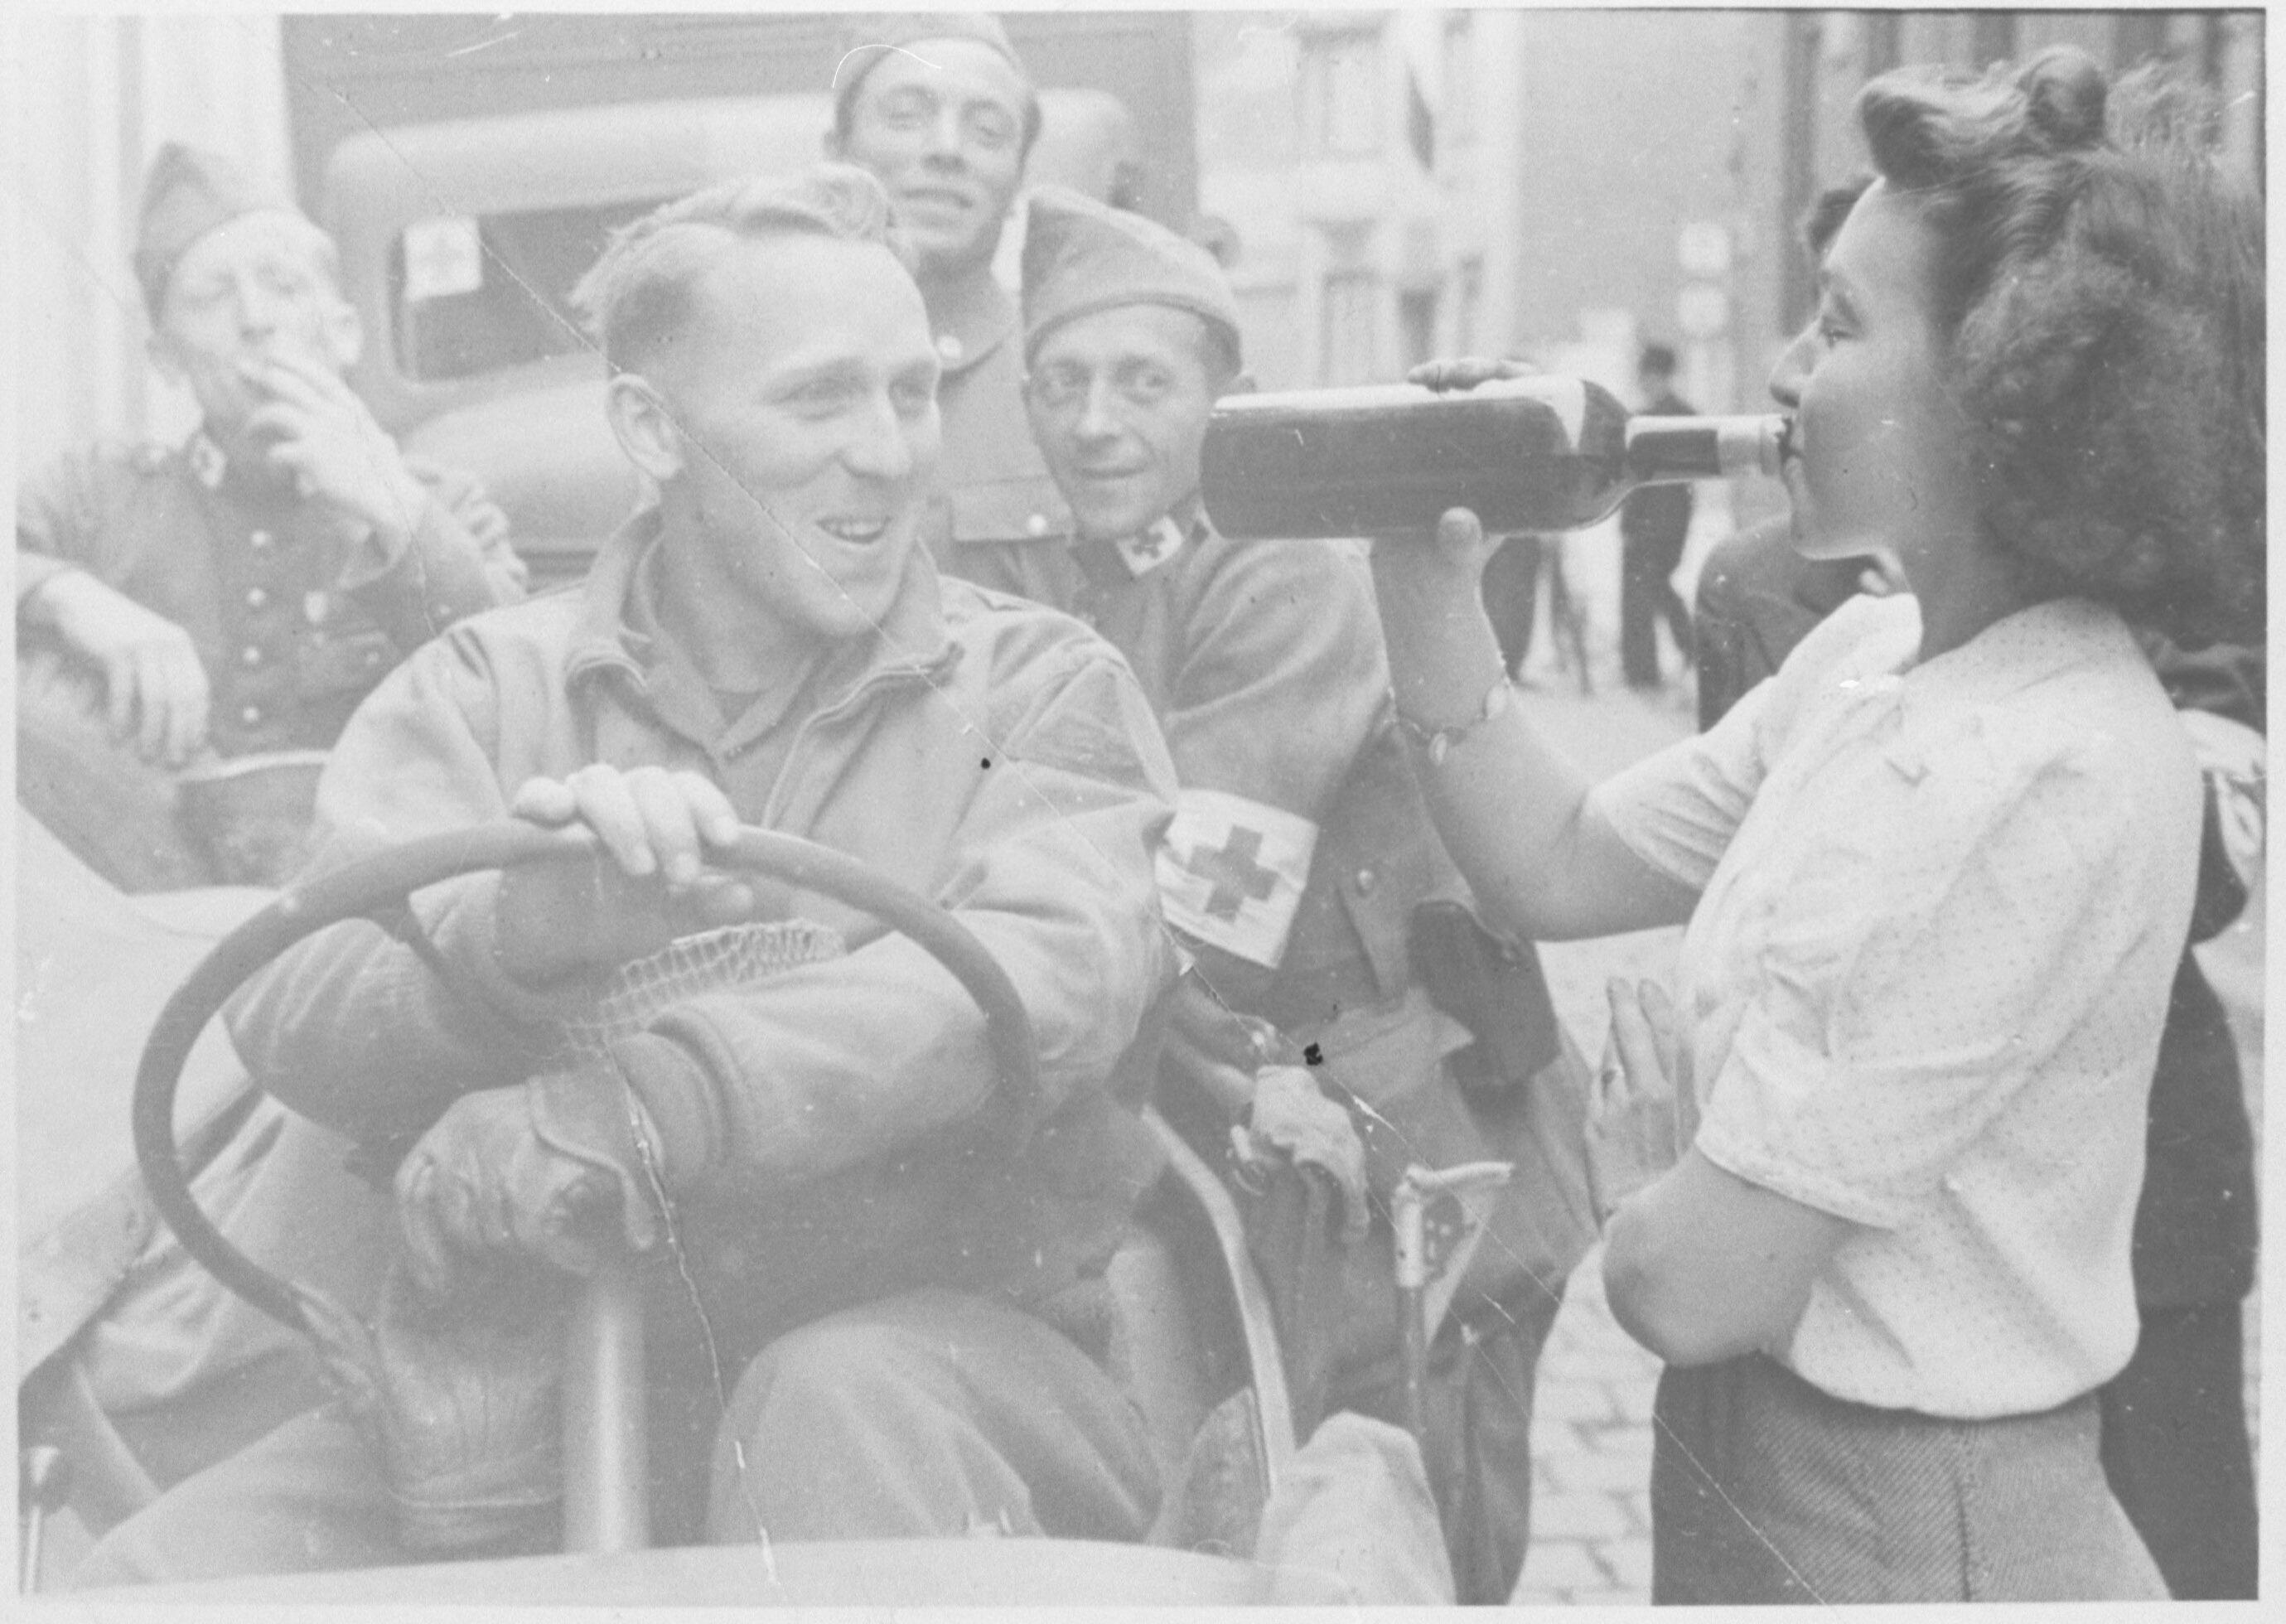 Een vrouw drinkt met geallieerde militairen op de bevrijding.